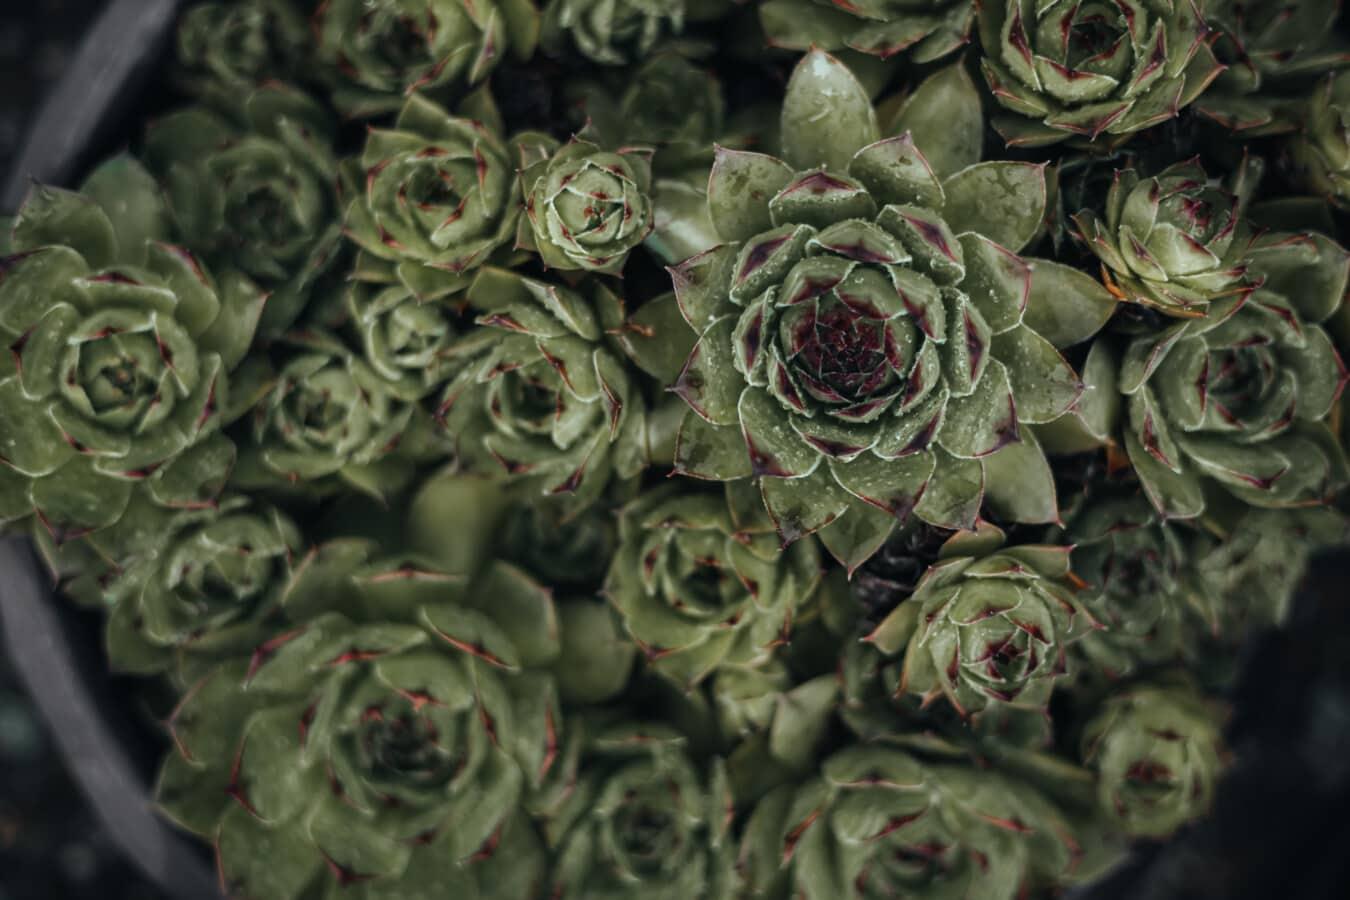 succulente, Cactus, da vicino, foglia, verde scuro, vaso di fiori, cluster, Flora, natura, fiore